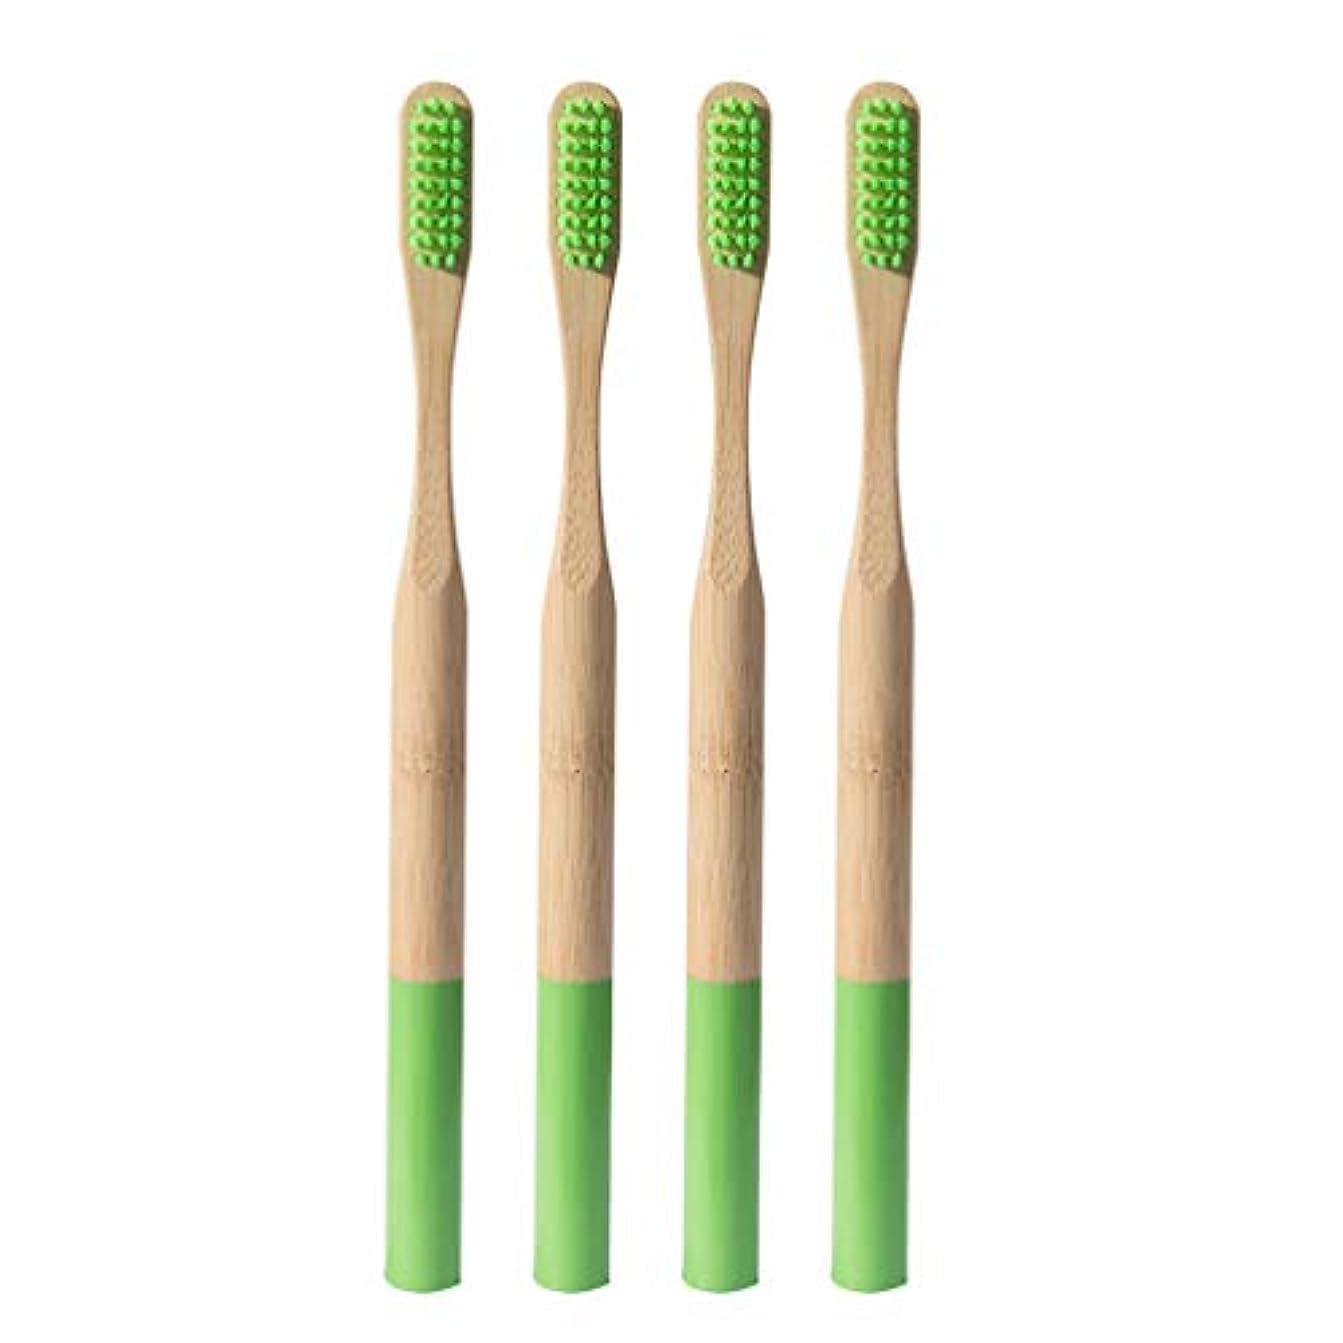 マトンブローホールプロペラHeallily 竹歯ブラシ4ピースソフトブリスル歯ブラシ生分解性、環境に優しいソフト歯ブラシ、大人用の細い毛を備えた抗菌歯ブラシ(グラスグリーン)